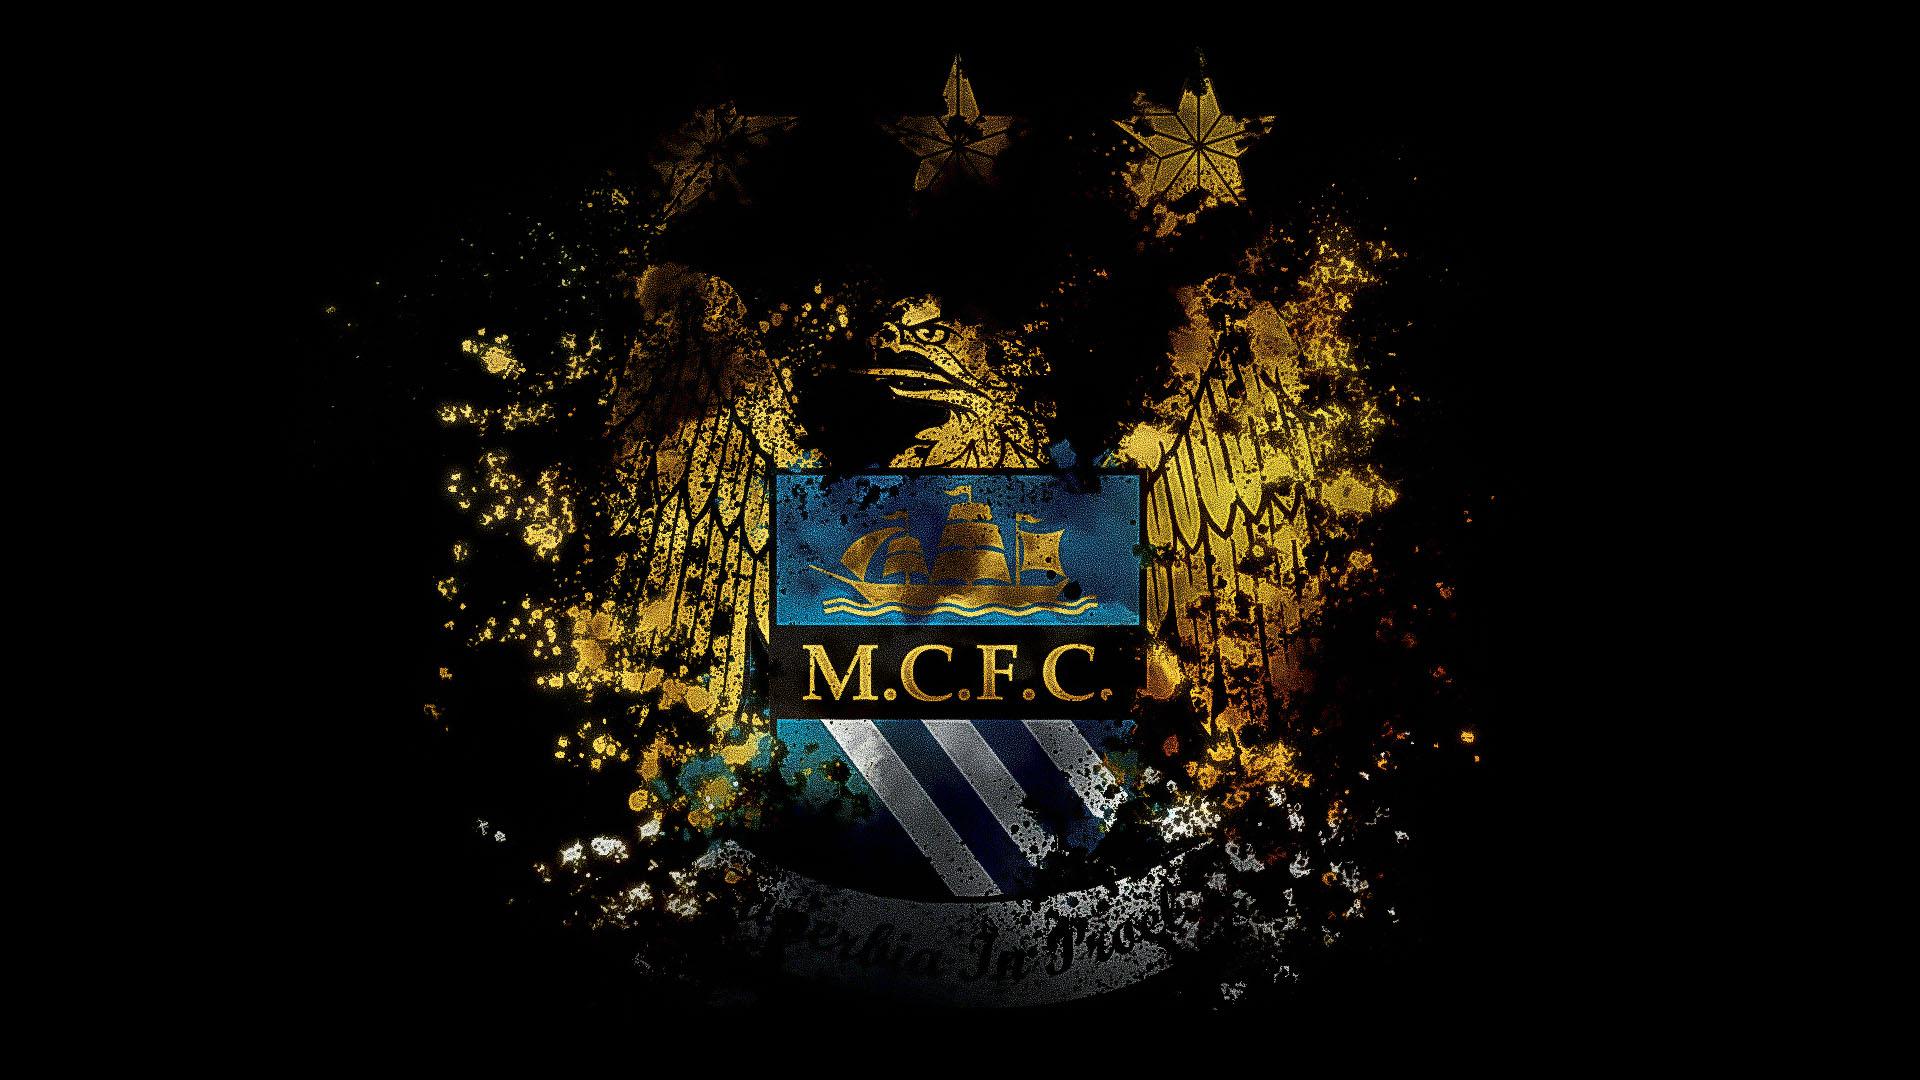 Manchester City wallpaper   568790 1920x1080